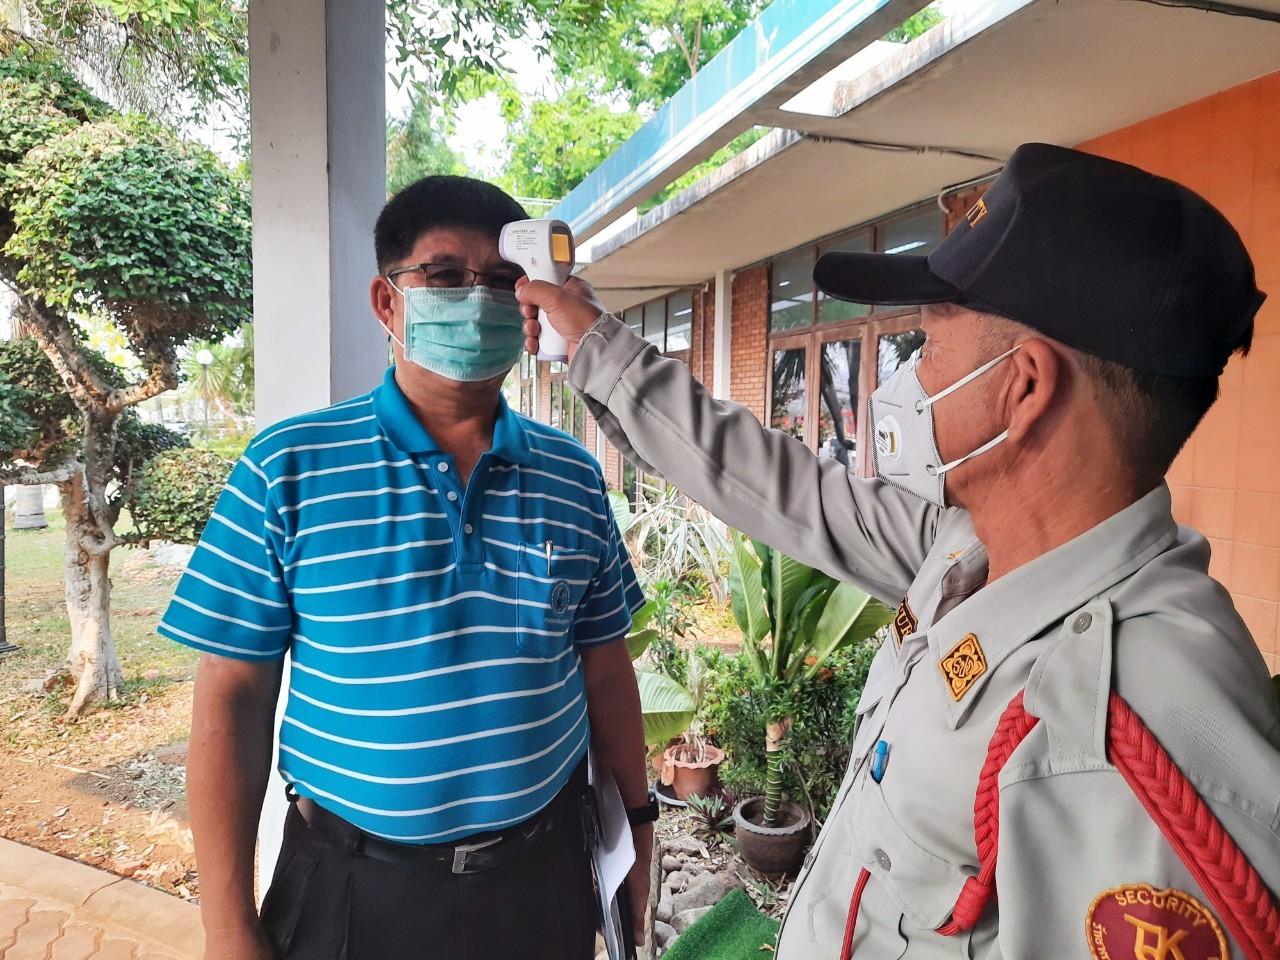 กปภ.เขต 10 ประกาศมาตรการควบคุมการแพร่ระบาดของไวรัสโควิด 2019  ให้พนักงานในสังกัดและบุคคลภายนอกปฏิบัติตามอย่างเคร่งครัด